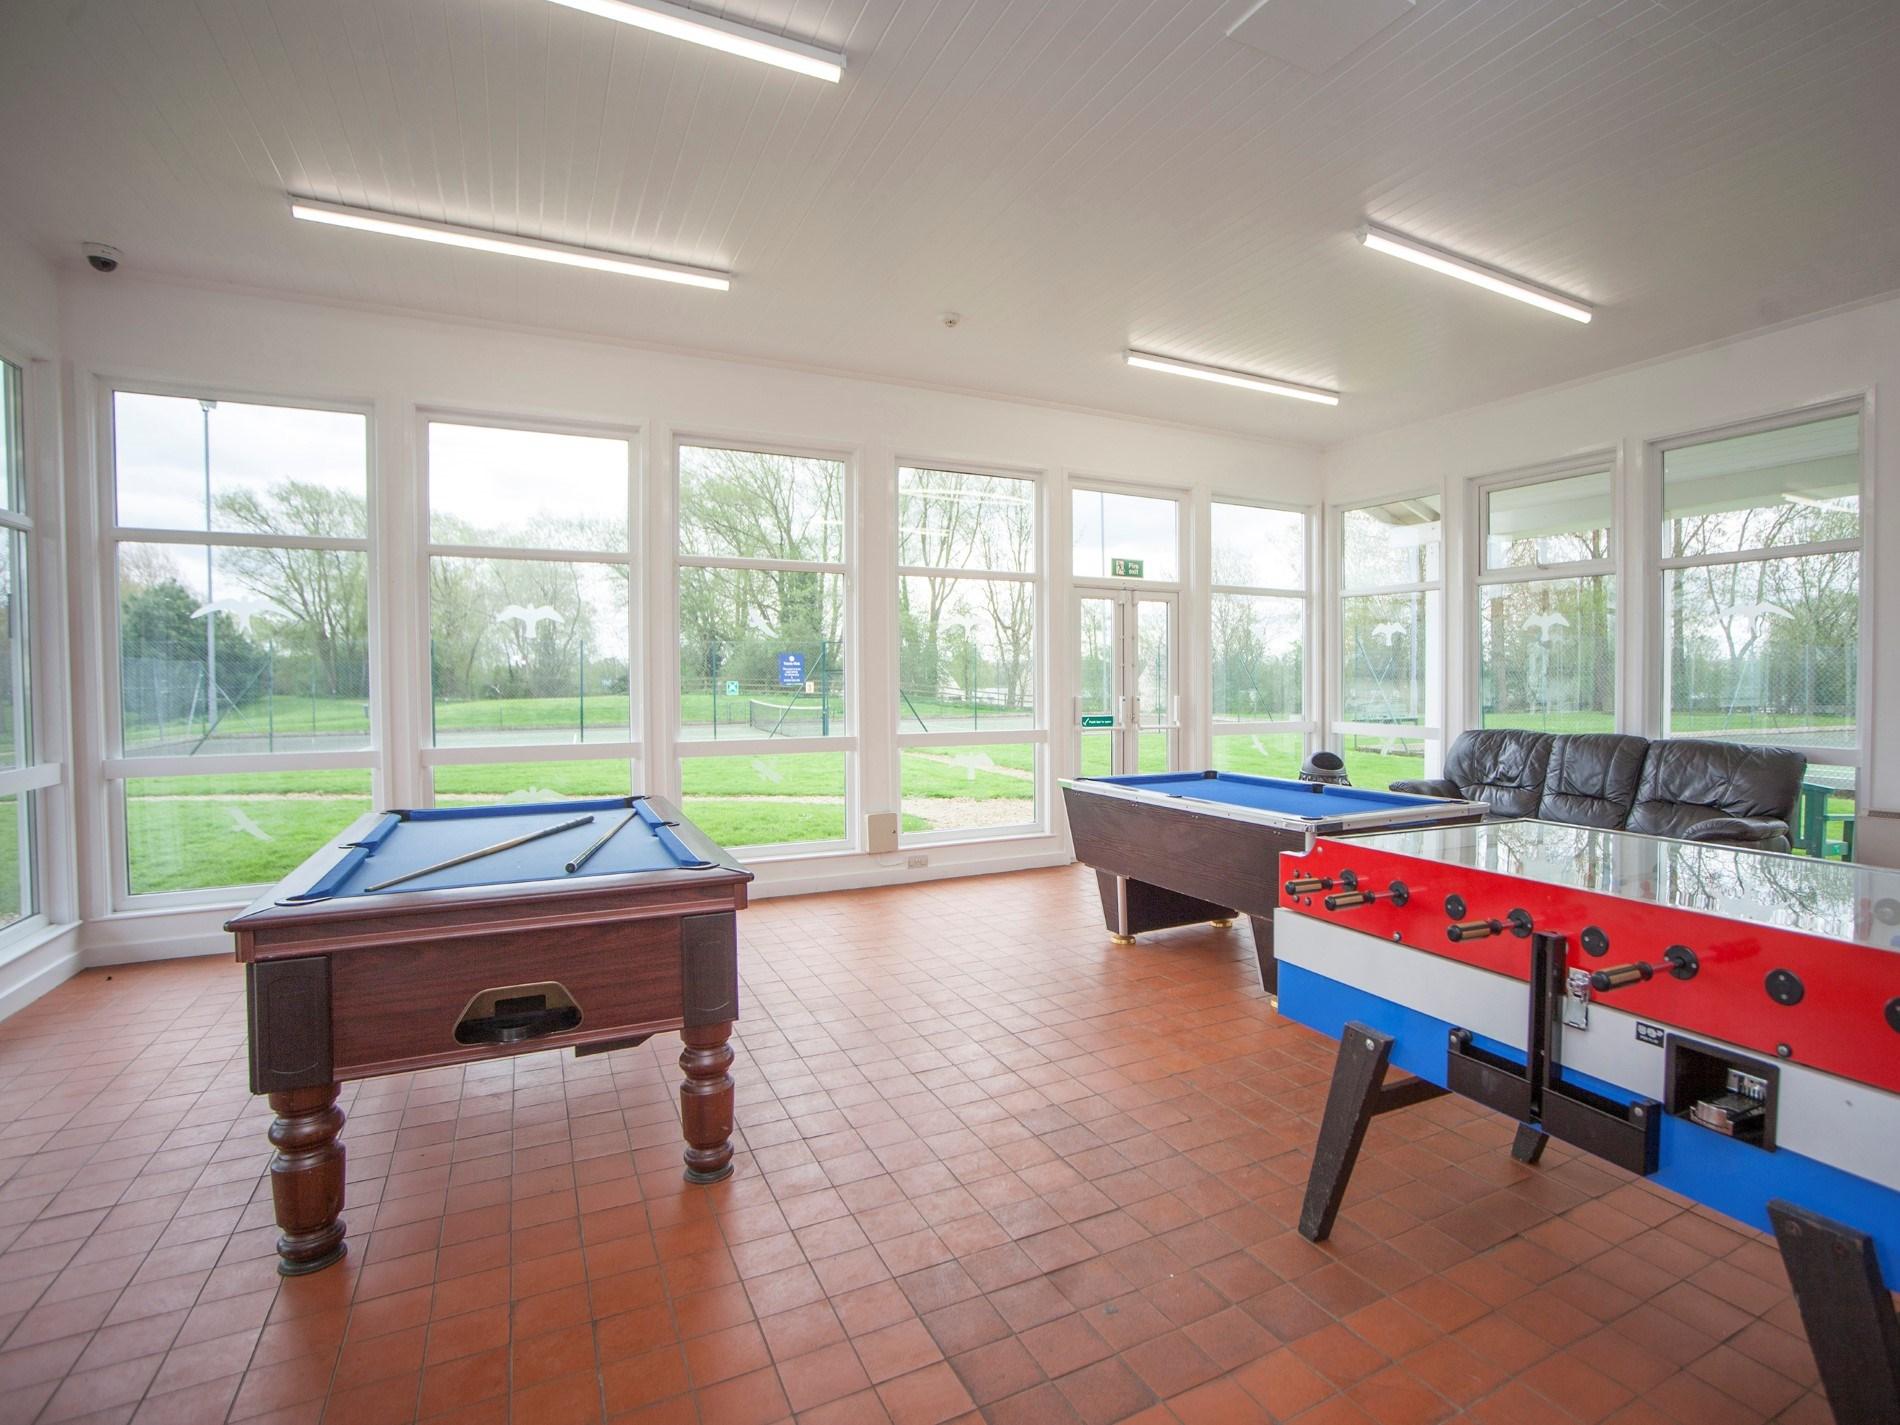 Indoor play facilities